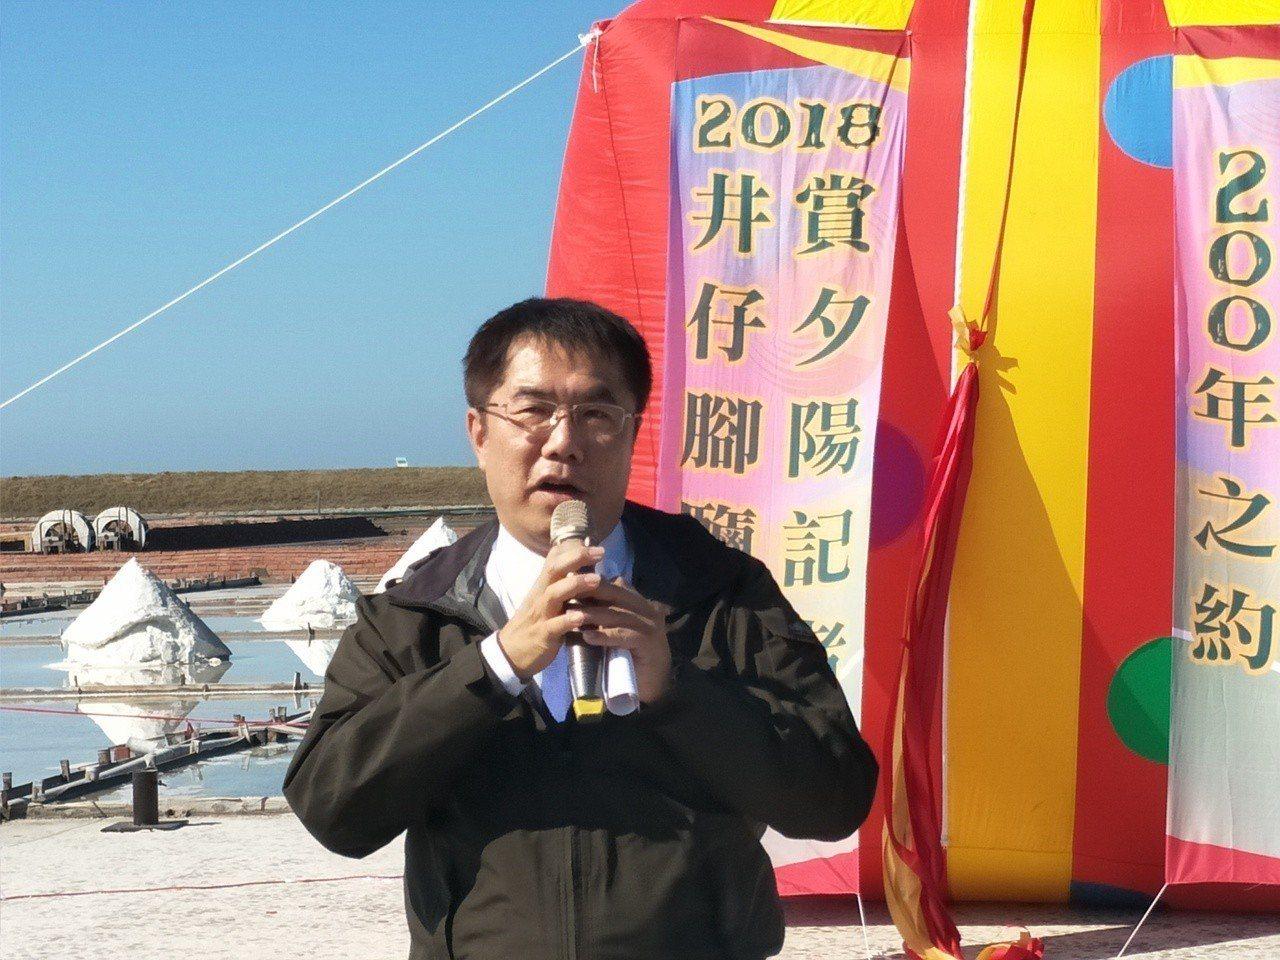 準台南市長黃偉哲到場邀請各地遊客當天一起來送夕陽。記者謝進盛/攝影